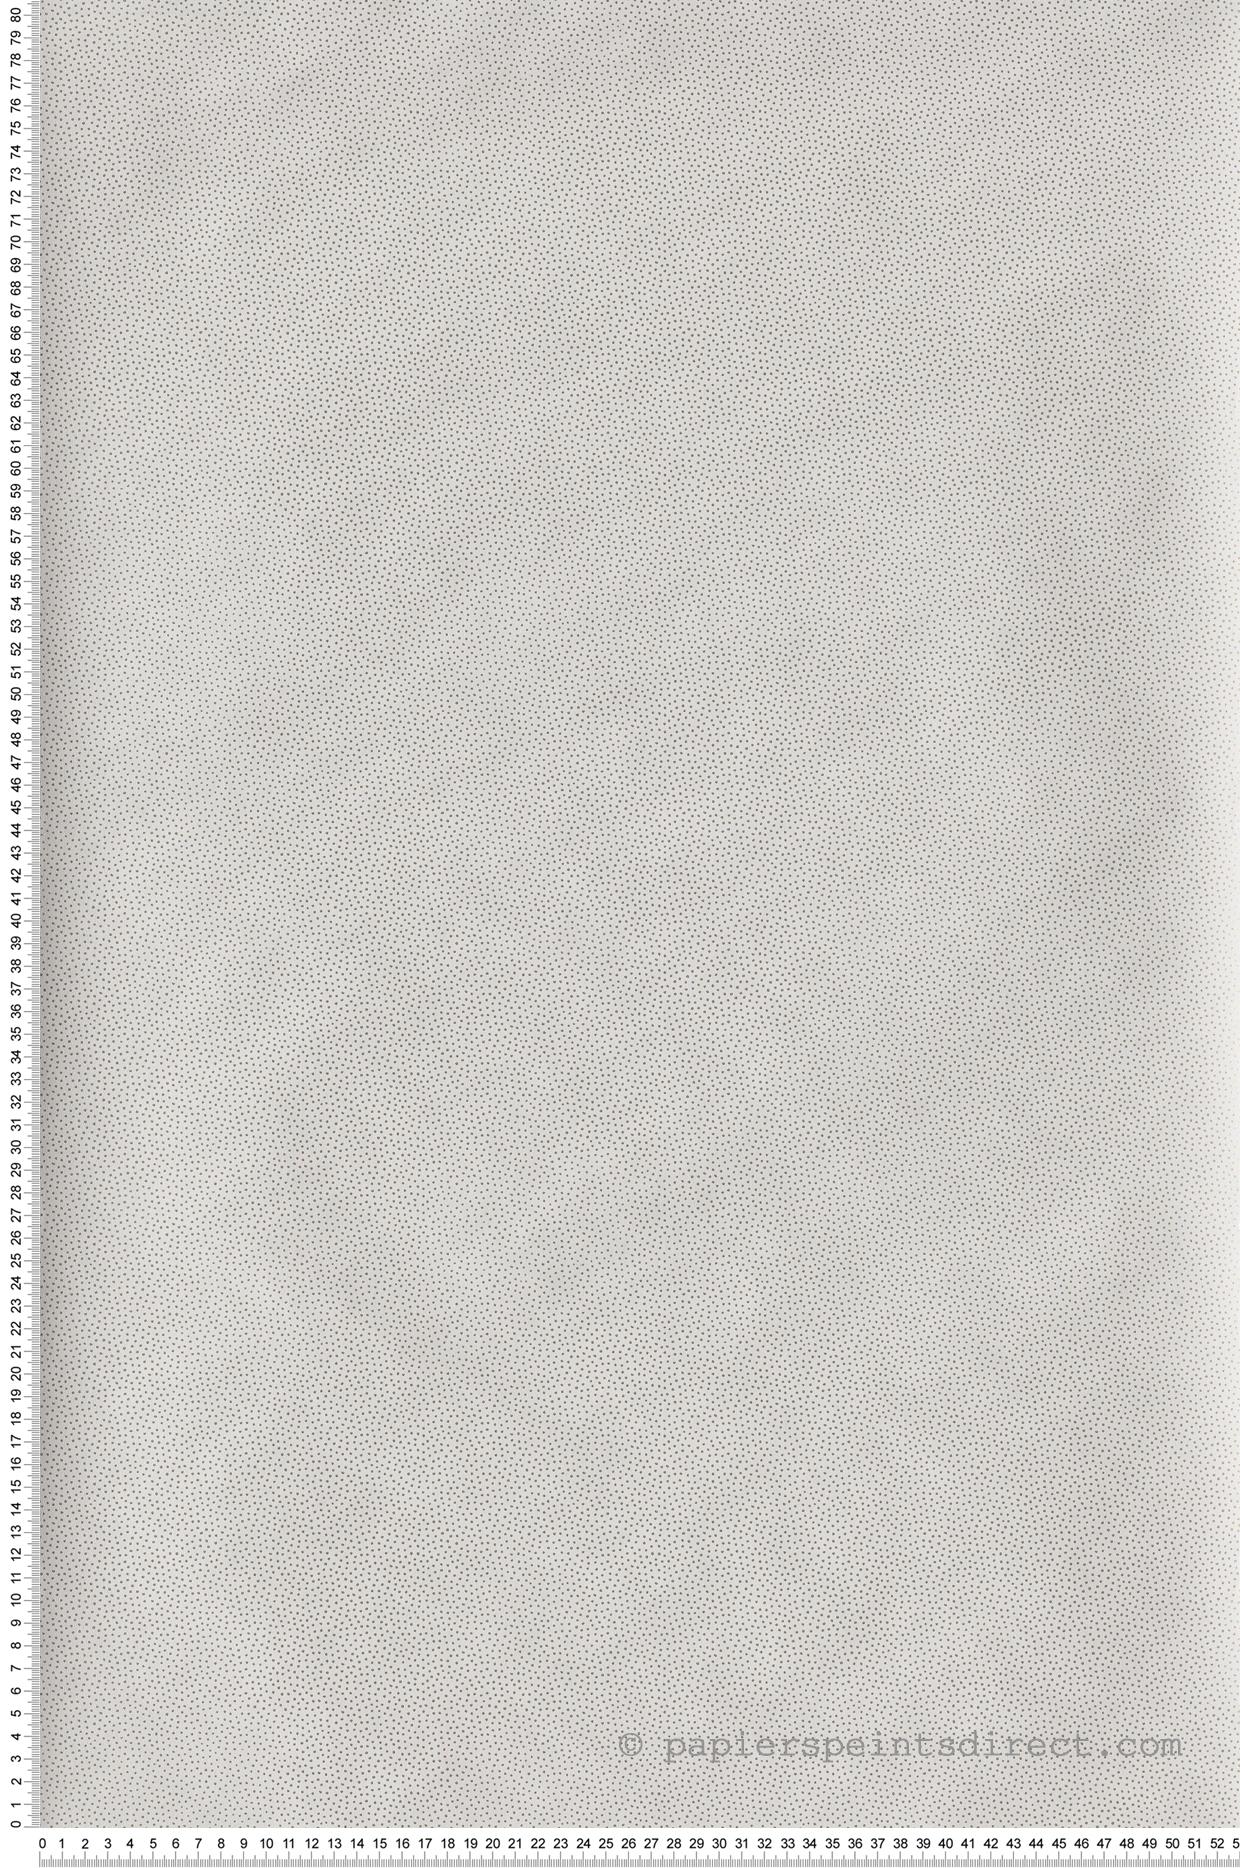 Papier peint pois Goma blanc et or - Hygge de Casélio | HYG100400011